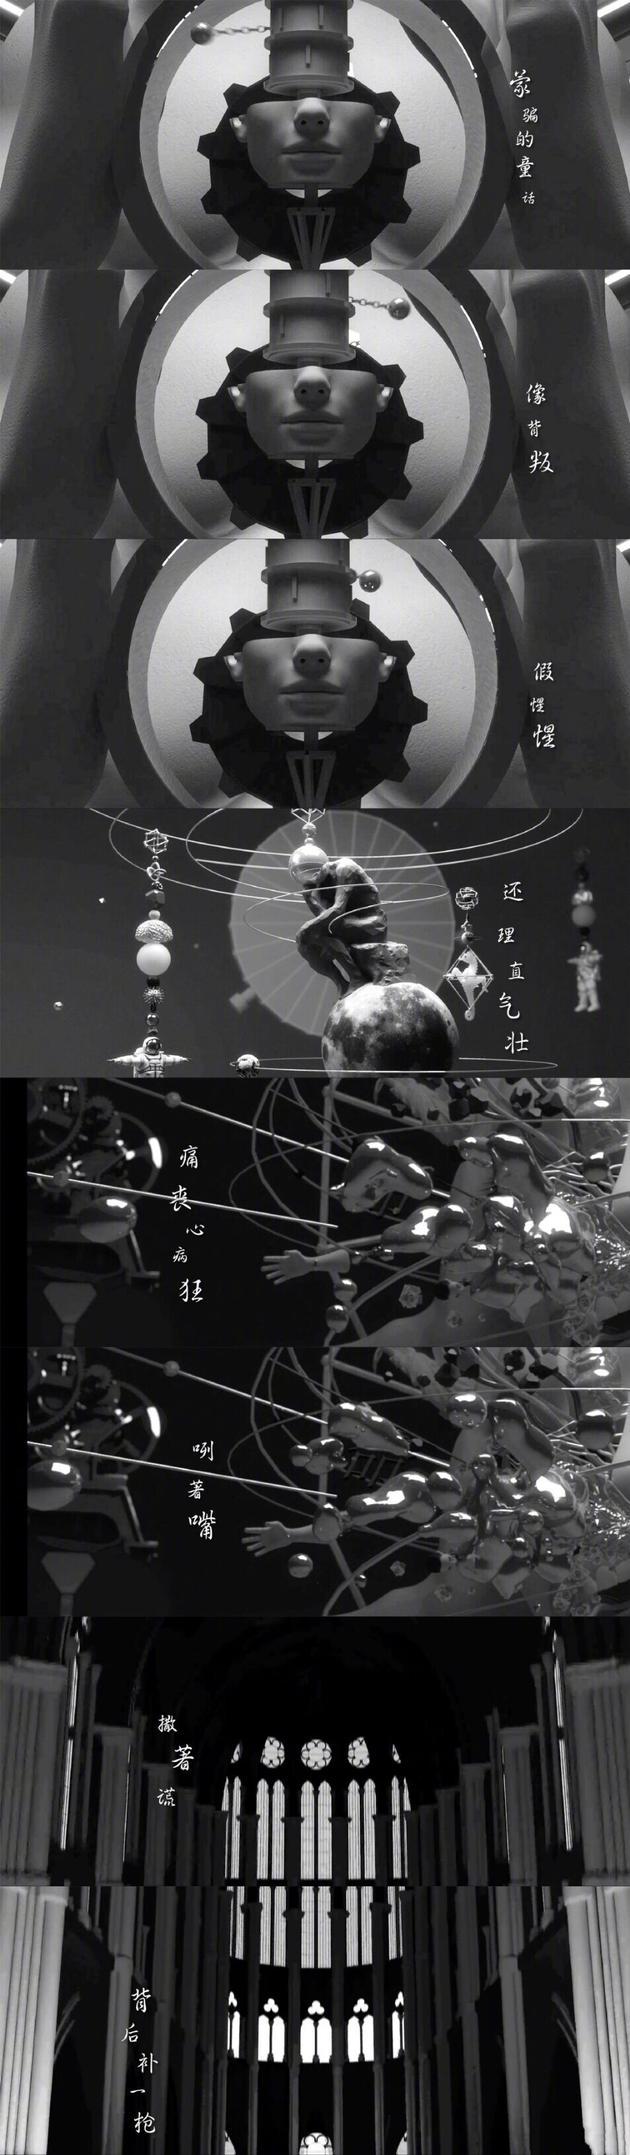 张韶涵新歌歌词